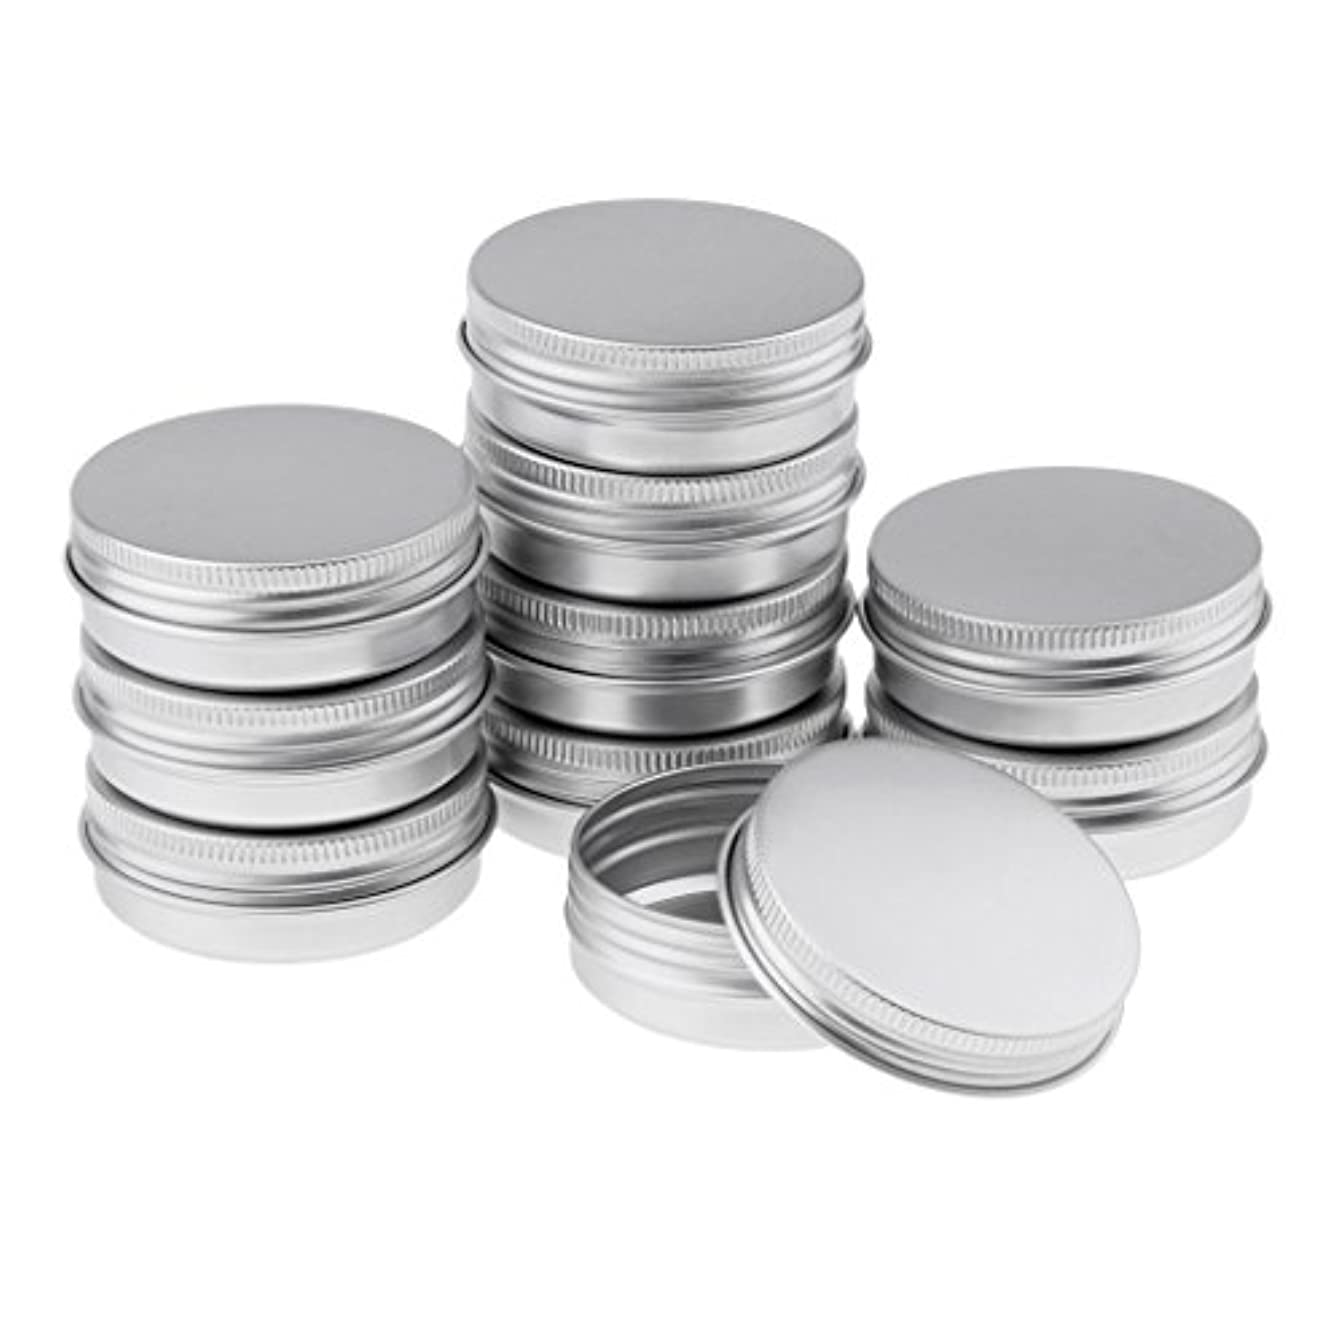 船乗り商品芽Blesiya 10個 アルミ容器 空缶 ジャー スクリュー蓋付き 収納箱 3サイズ選べる - 5.7x2.3 cm